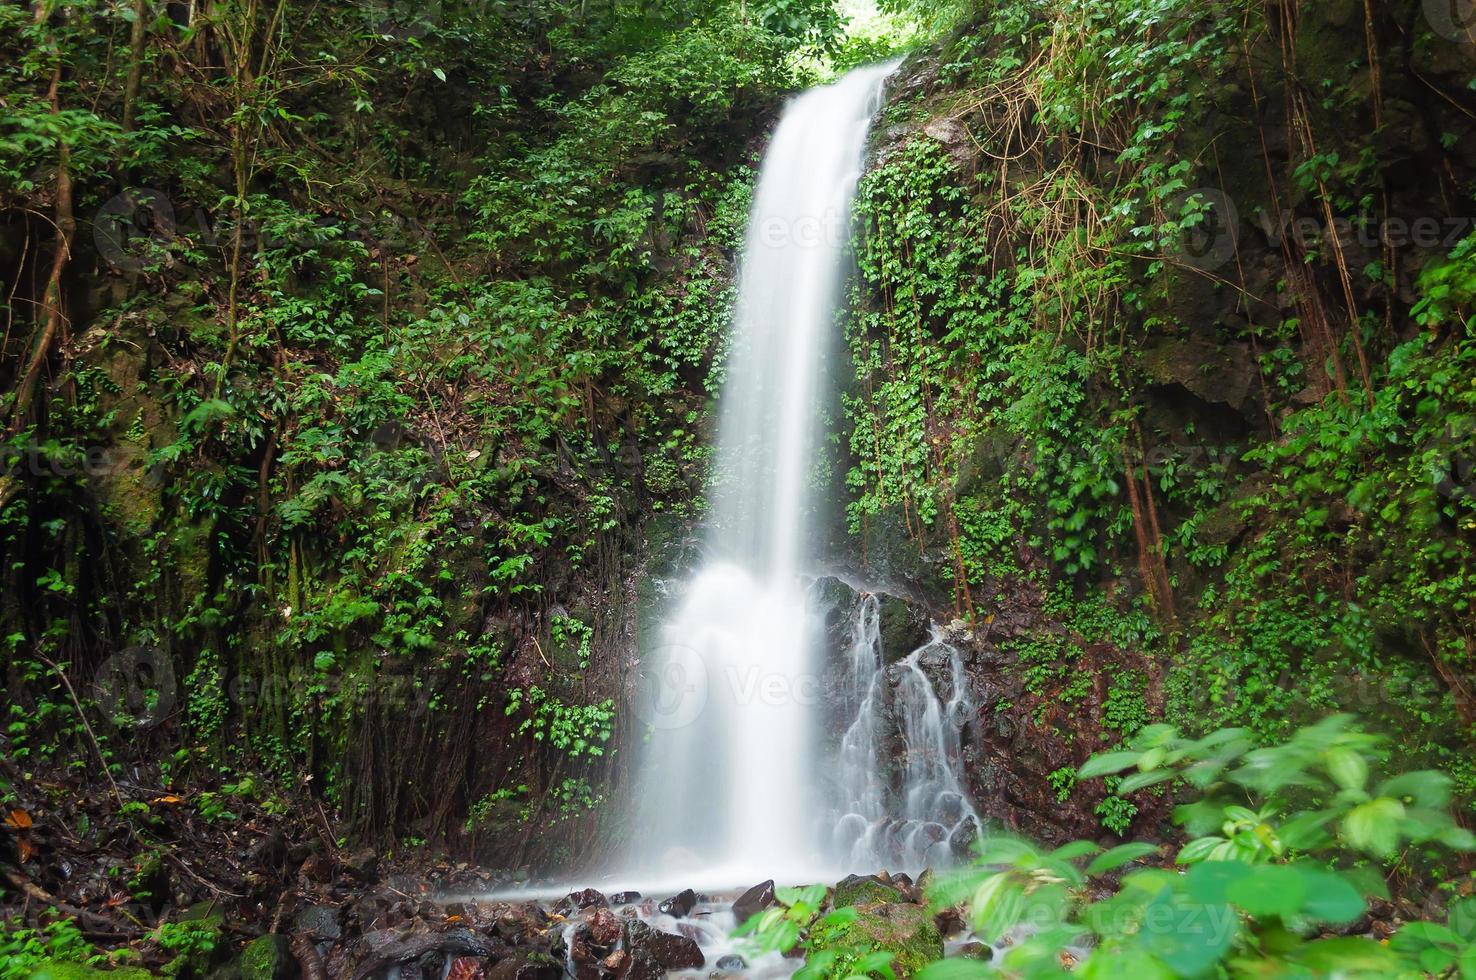 litet vattenfall i djungeln foto